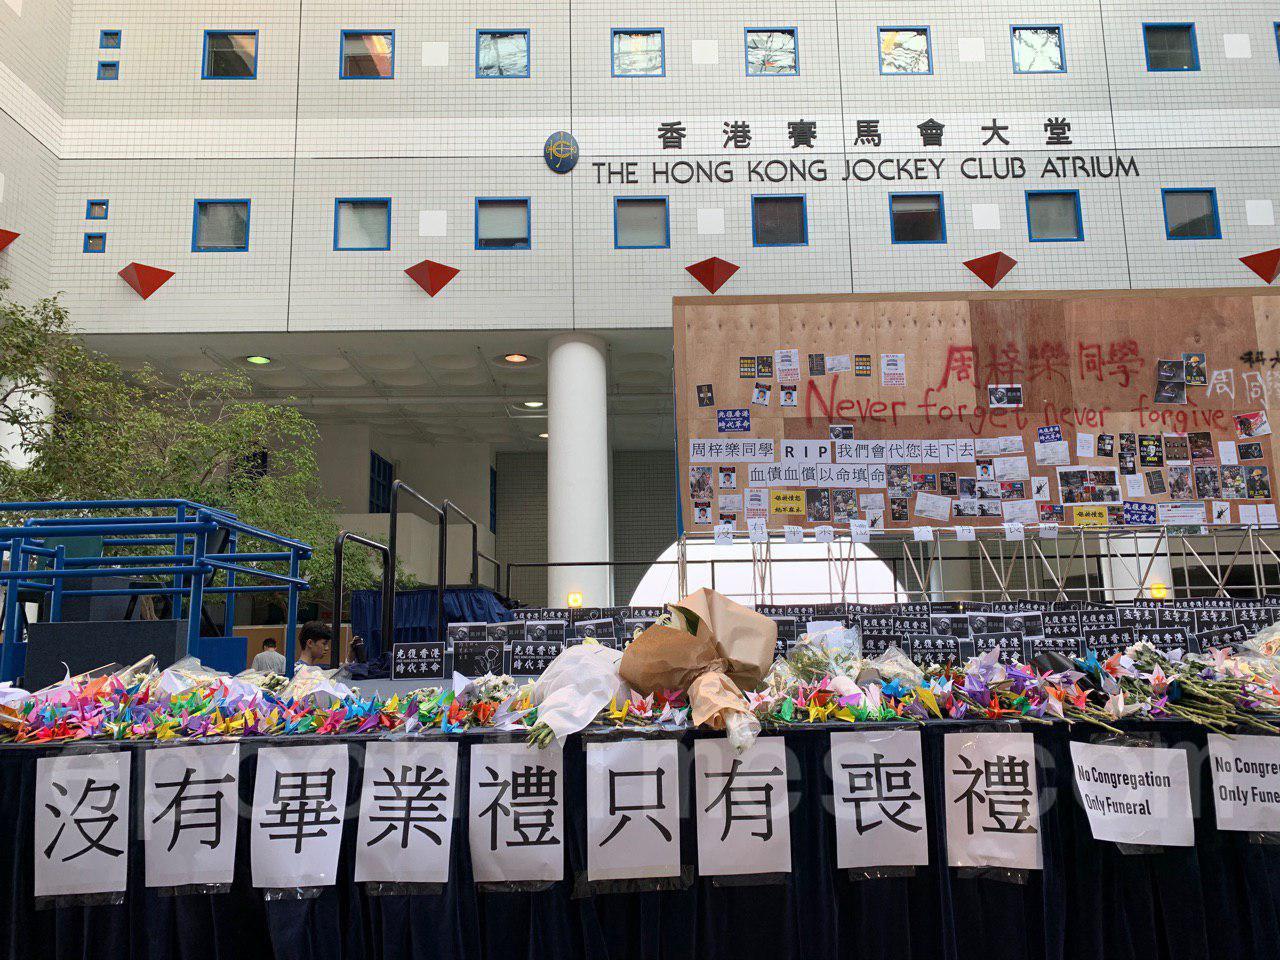 8日,墜樓的科大周同學不治去世,晚上,科大學生會在校園為周同學舉行燭光追悼。(韓納/大紀元)